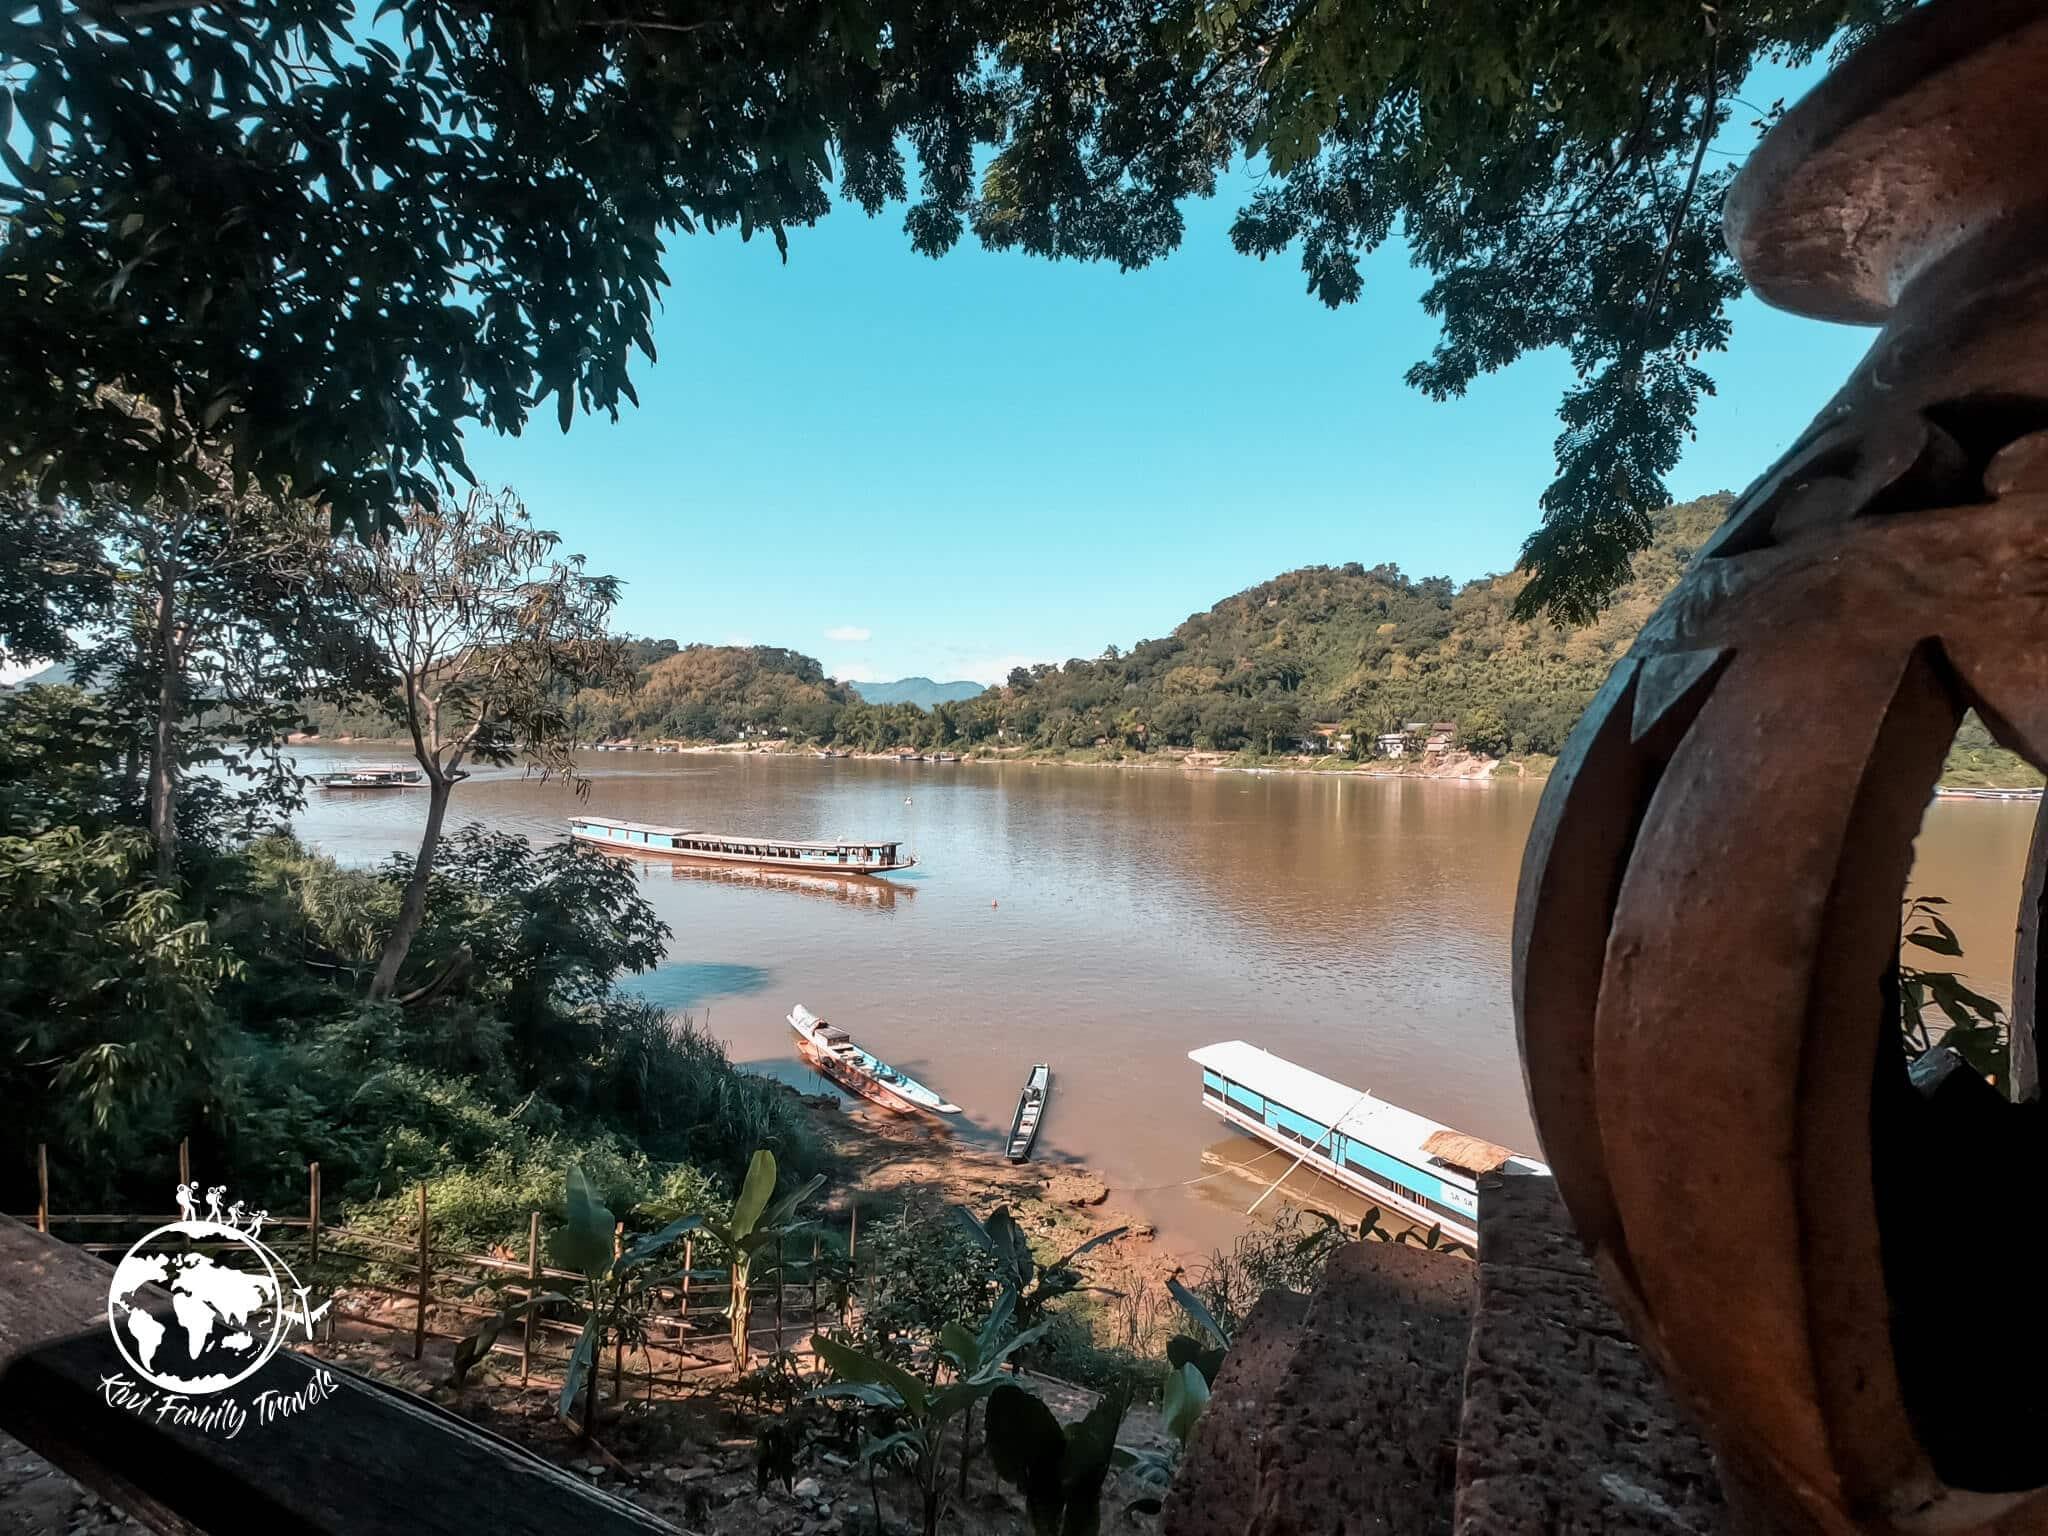 Vue sur le Mekong depuis la ville